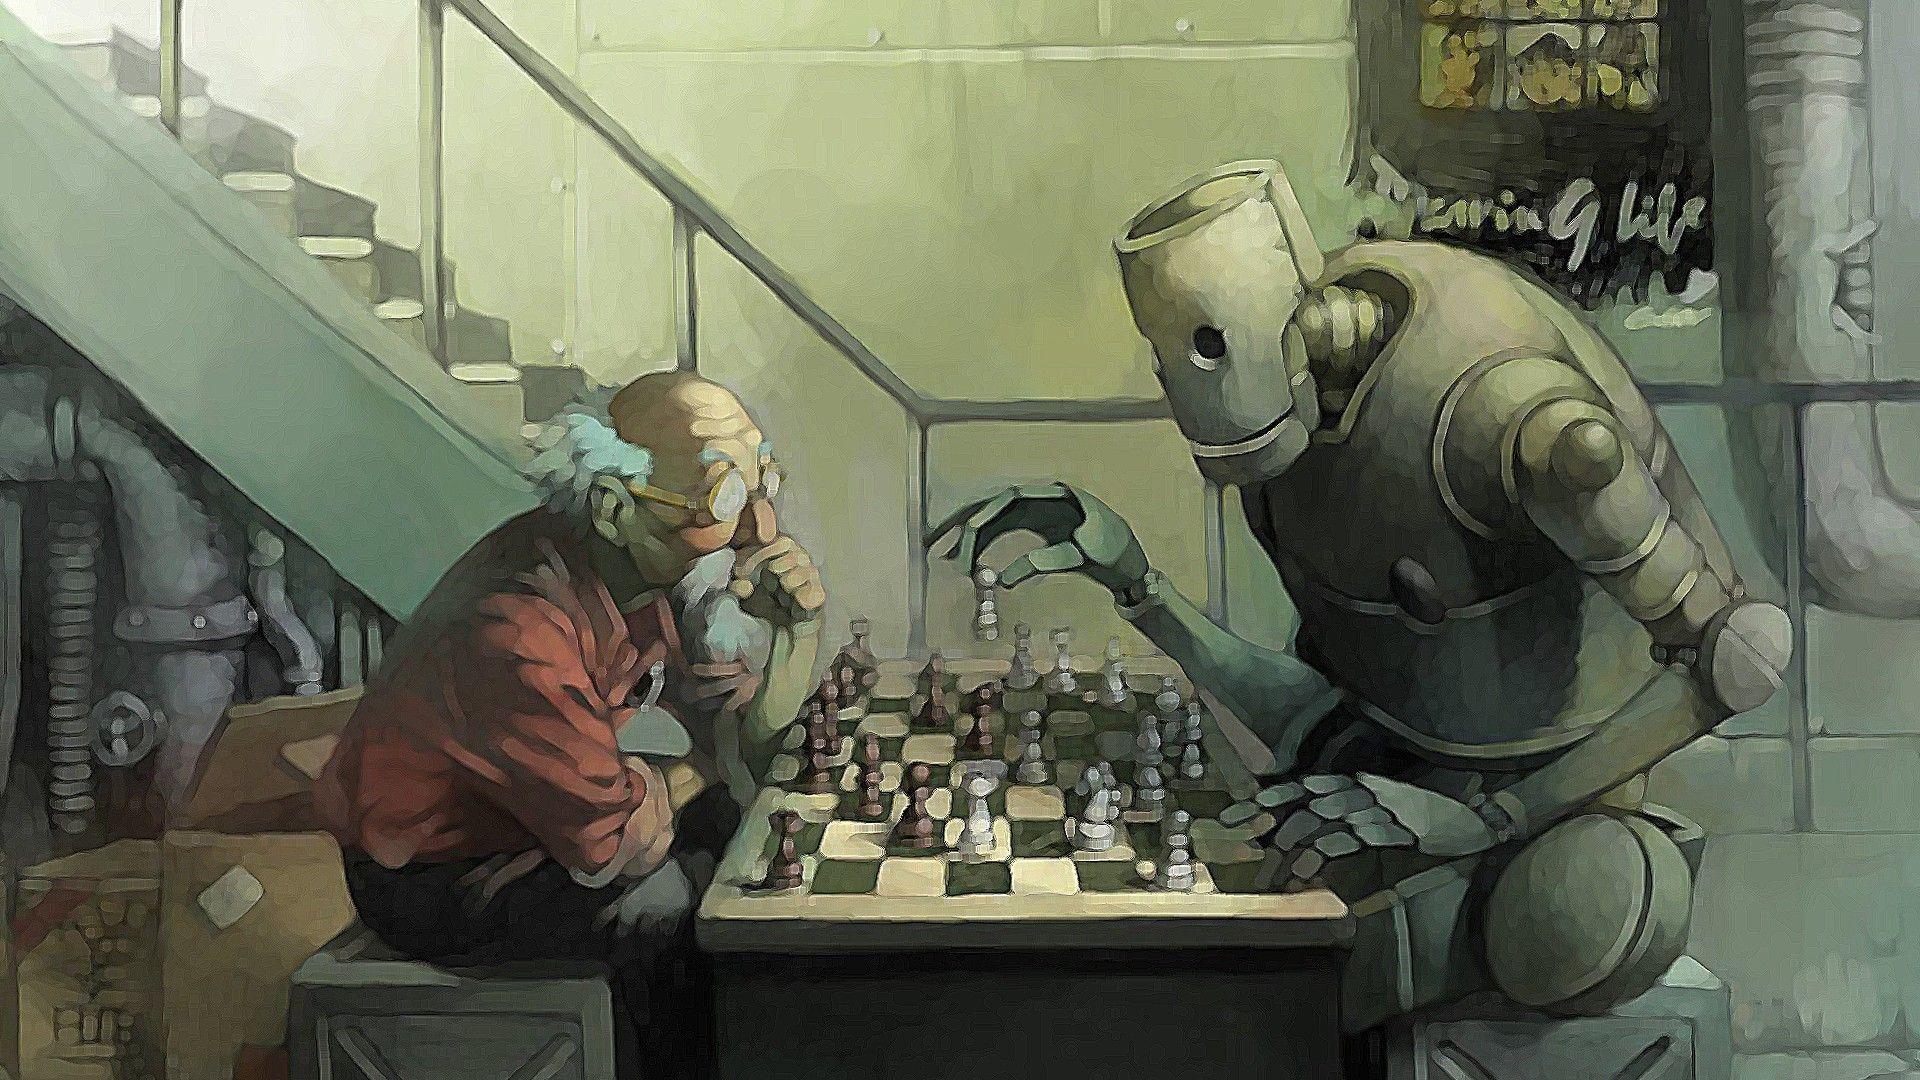 آیا ربات ها آدم ها را در شطرنج شکست میدهند؟